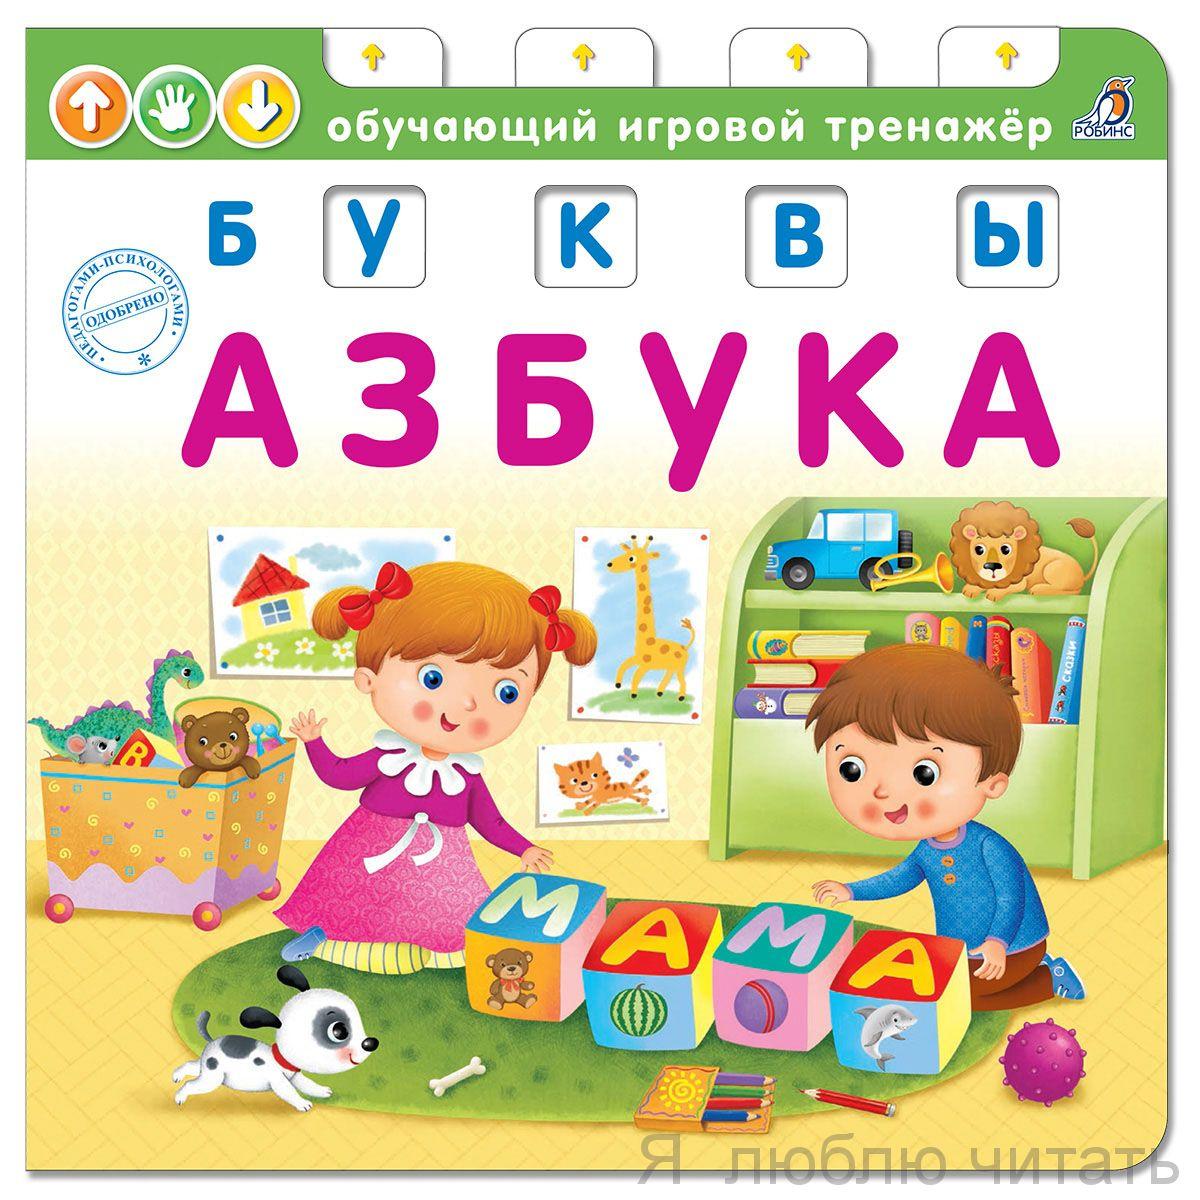 Азбука.Буквы.Обучающий игровой тренажёр